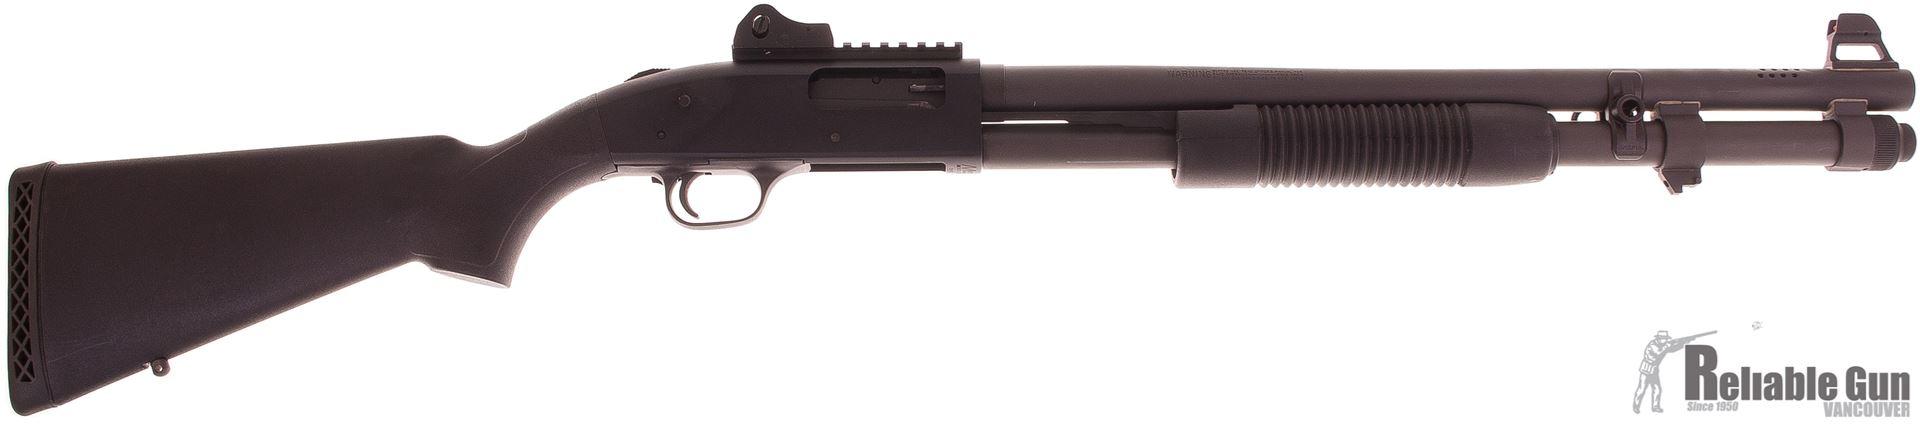 C'est quoi votre dernier achat lié aux guns? (Suite 2) - Page 5 0029725_used-mossberg-590a1-tactical-9-shot-spx-pump-action-shotgun-12ga-3-20-heavy-walled-parkerized-black-